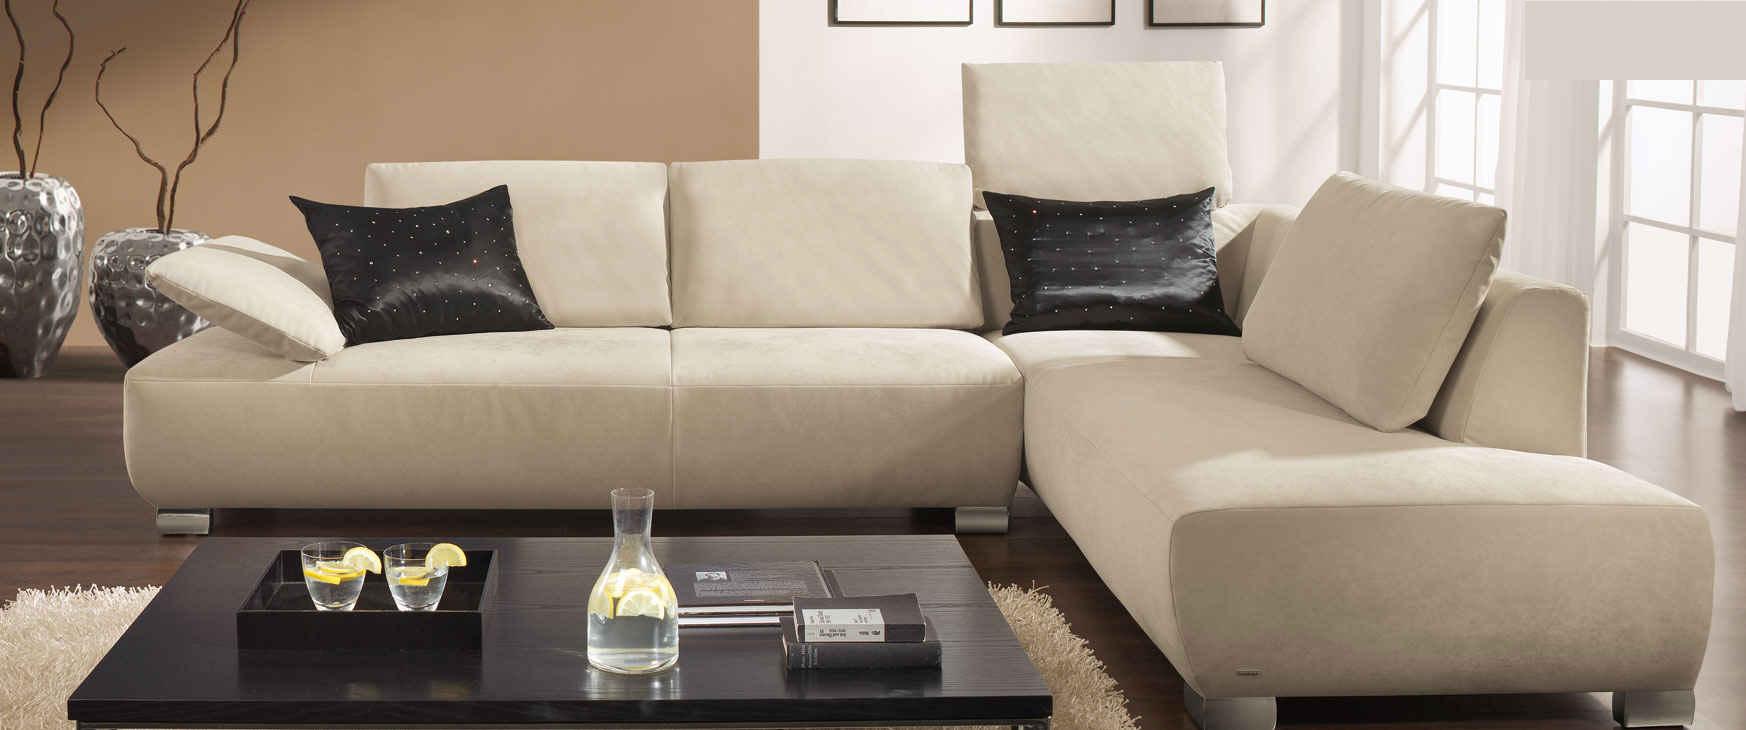 polstergarnitur couch ottomane sofa aus leder von koinor ebay. Black Bedroom Furniture Sets. Home Design Ideas